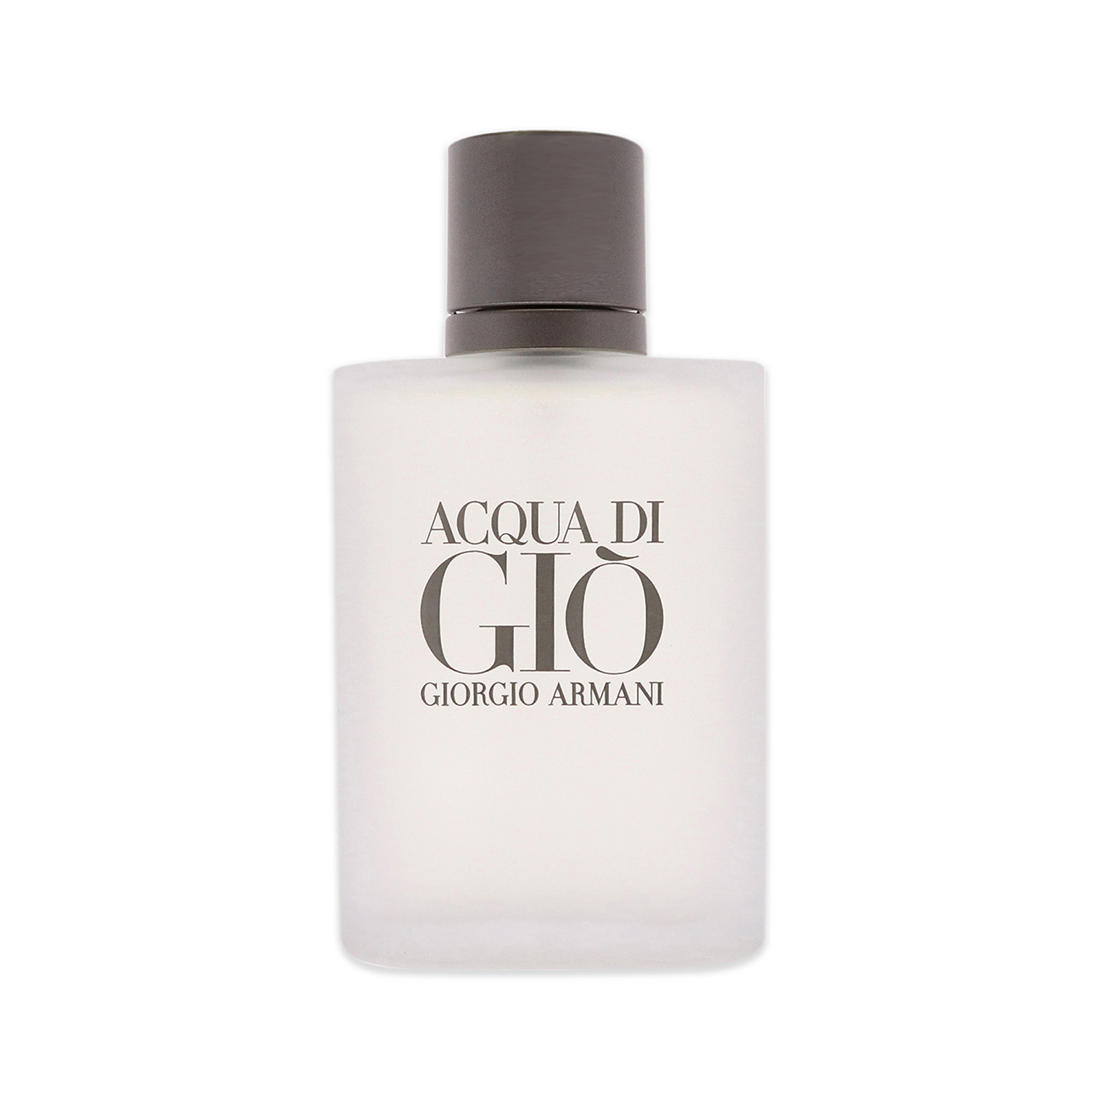 08c43630254 Giorgio Armani Acqua Di Gio 3.4 oz.Eau De Toilette Spray - BJs ...